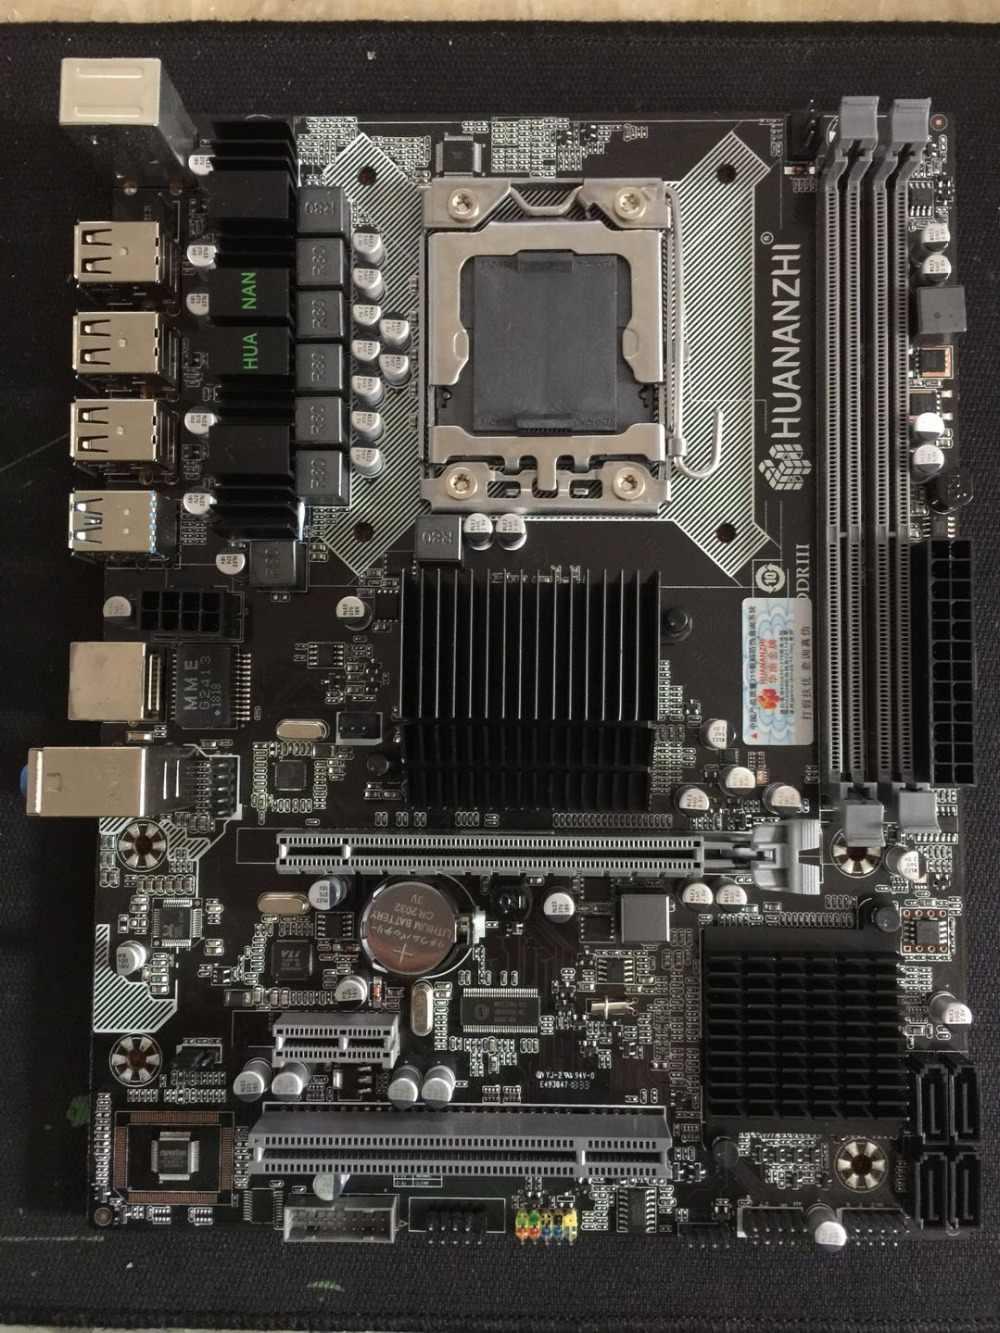 HUANAN ZHI X58 LGA1366 материнская плата cpu Xeon X5675 3,06 ГГц с кулером ram 16G (2*8G) DDR3 регистровая и ecc-память